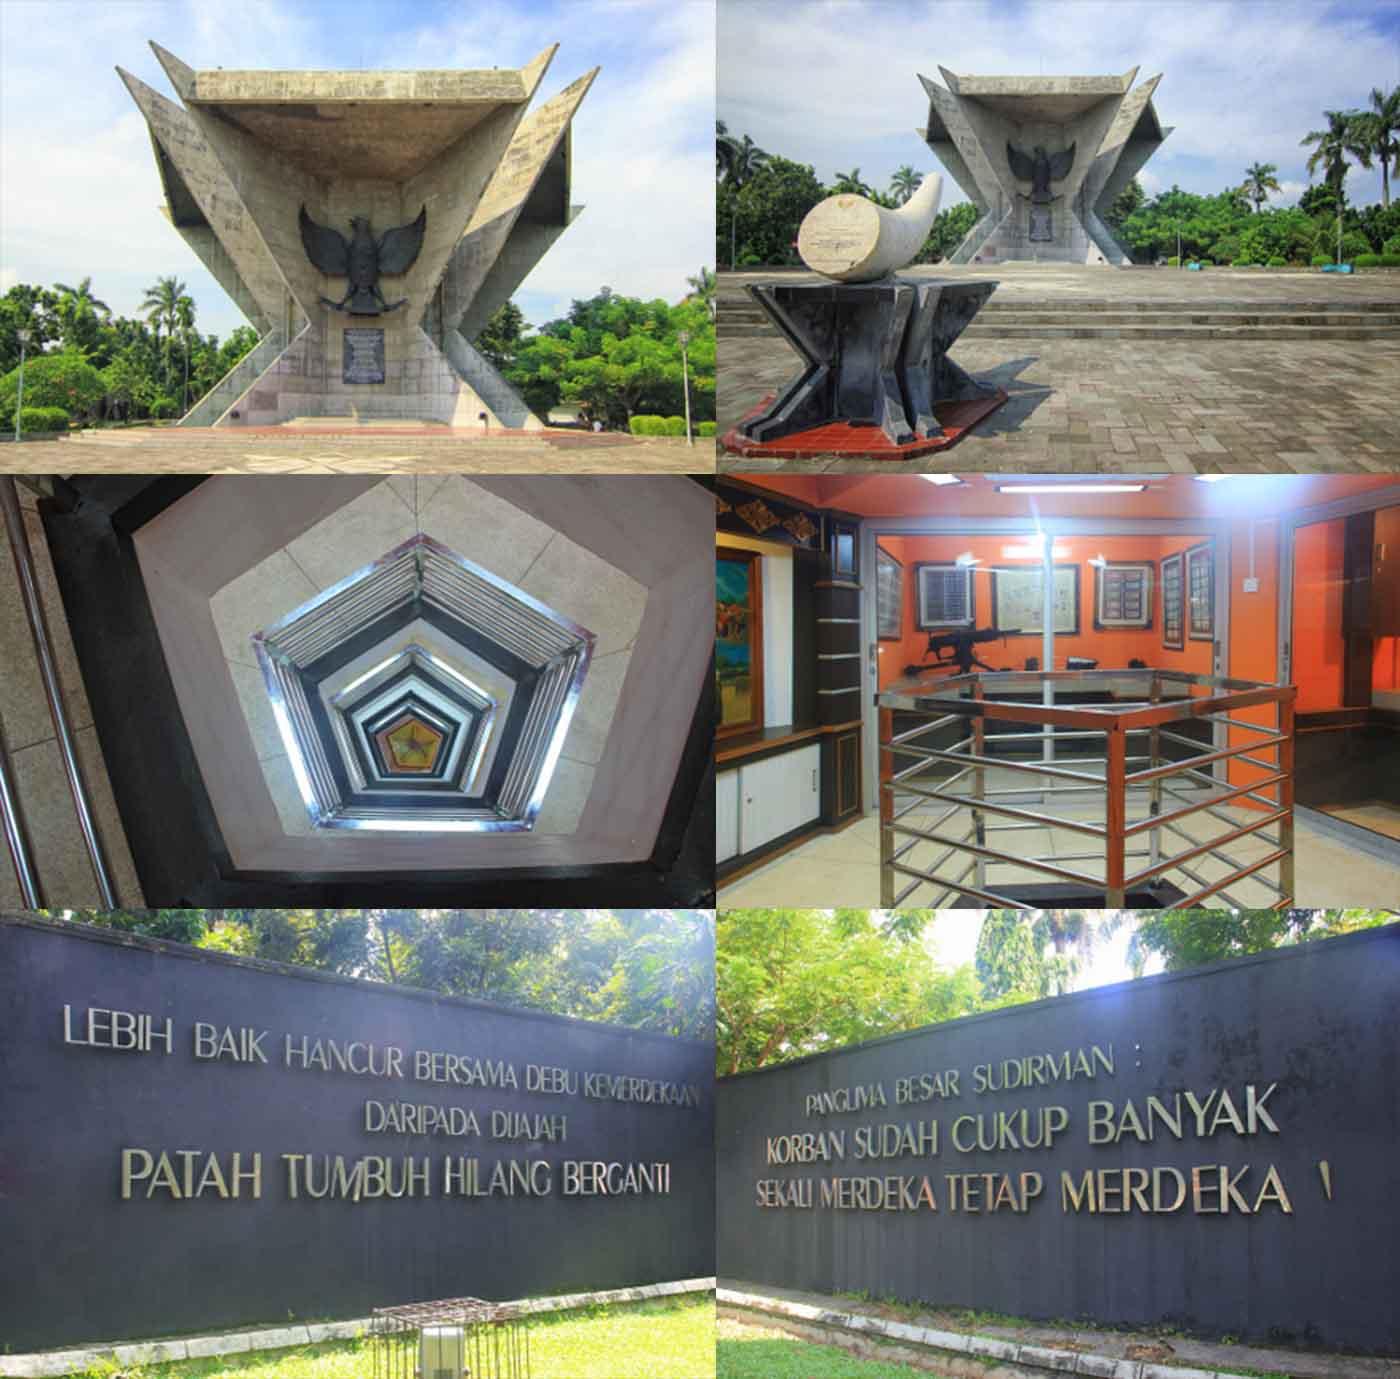 Monpera Tugu Bersejarah Kota Palembang Sumatera Selatan Kamera Suasana Sekitar